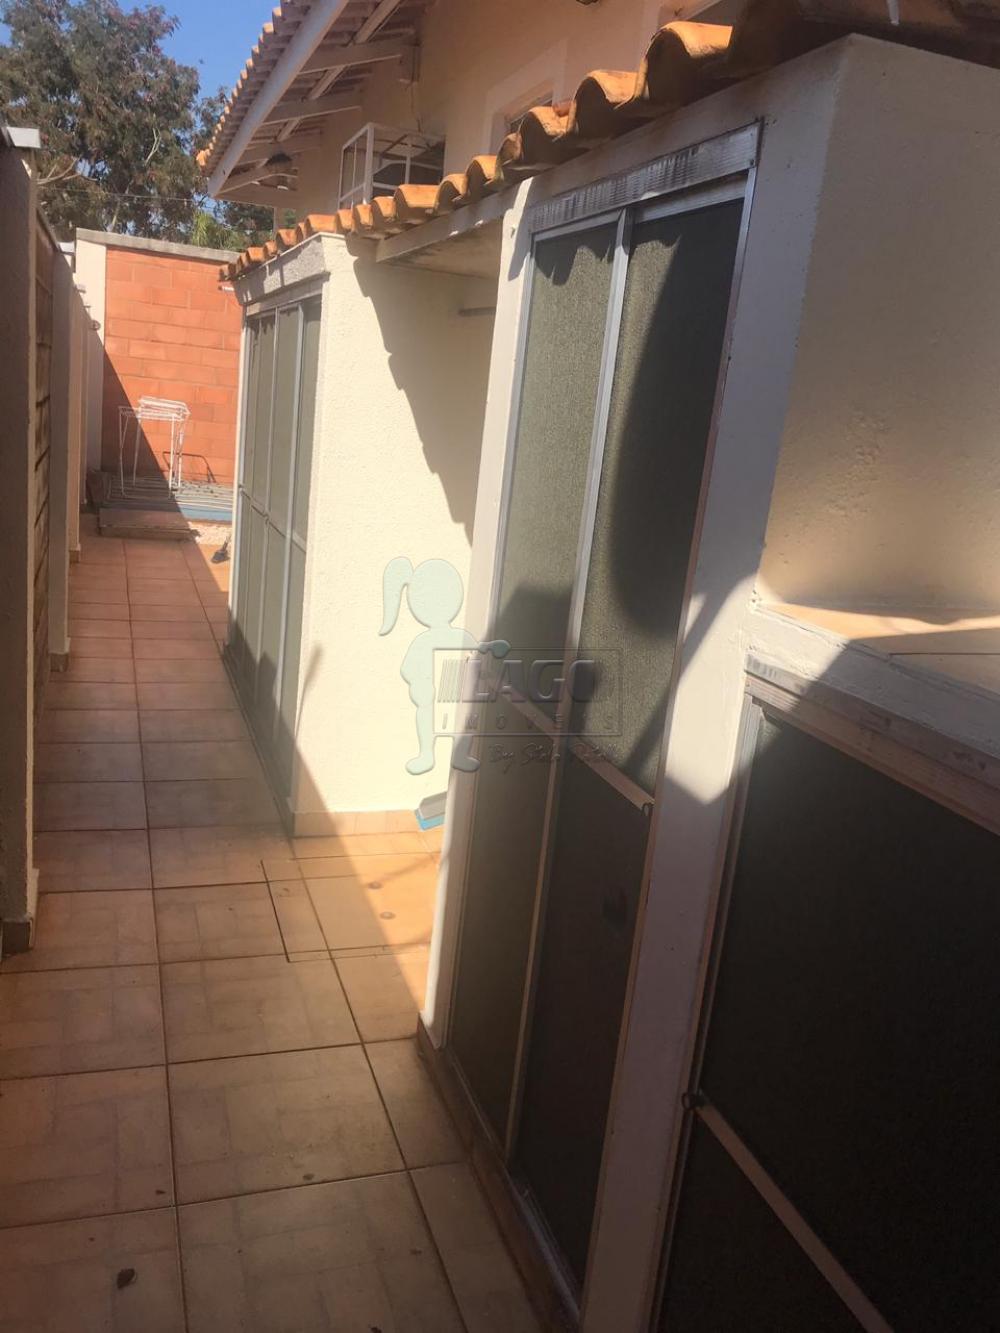 Alugar Casas / Condomínio em Ribeirão Preto apenas R$ 1.800,00 - Foto 9